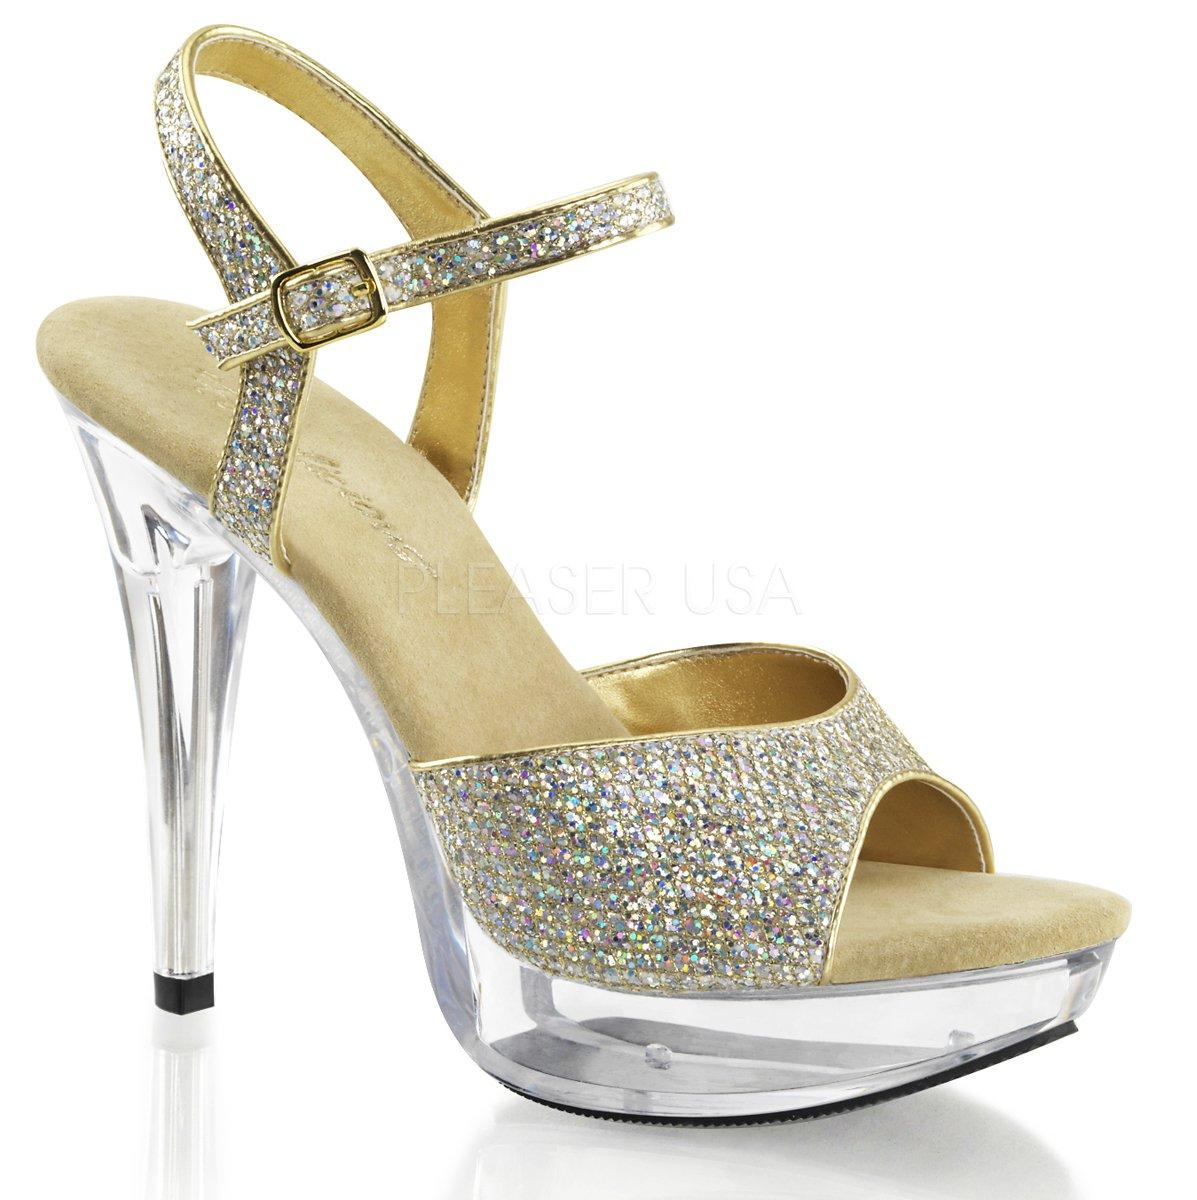 COCKTAIL-509G Zlaté flitrované společenské sandálky na průhledné platformě  a podpatku 1461144416